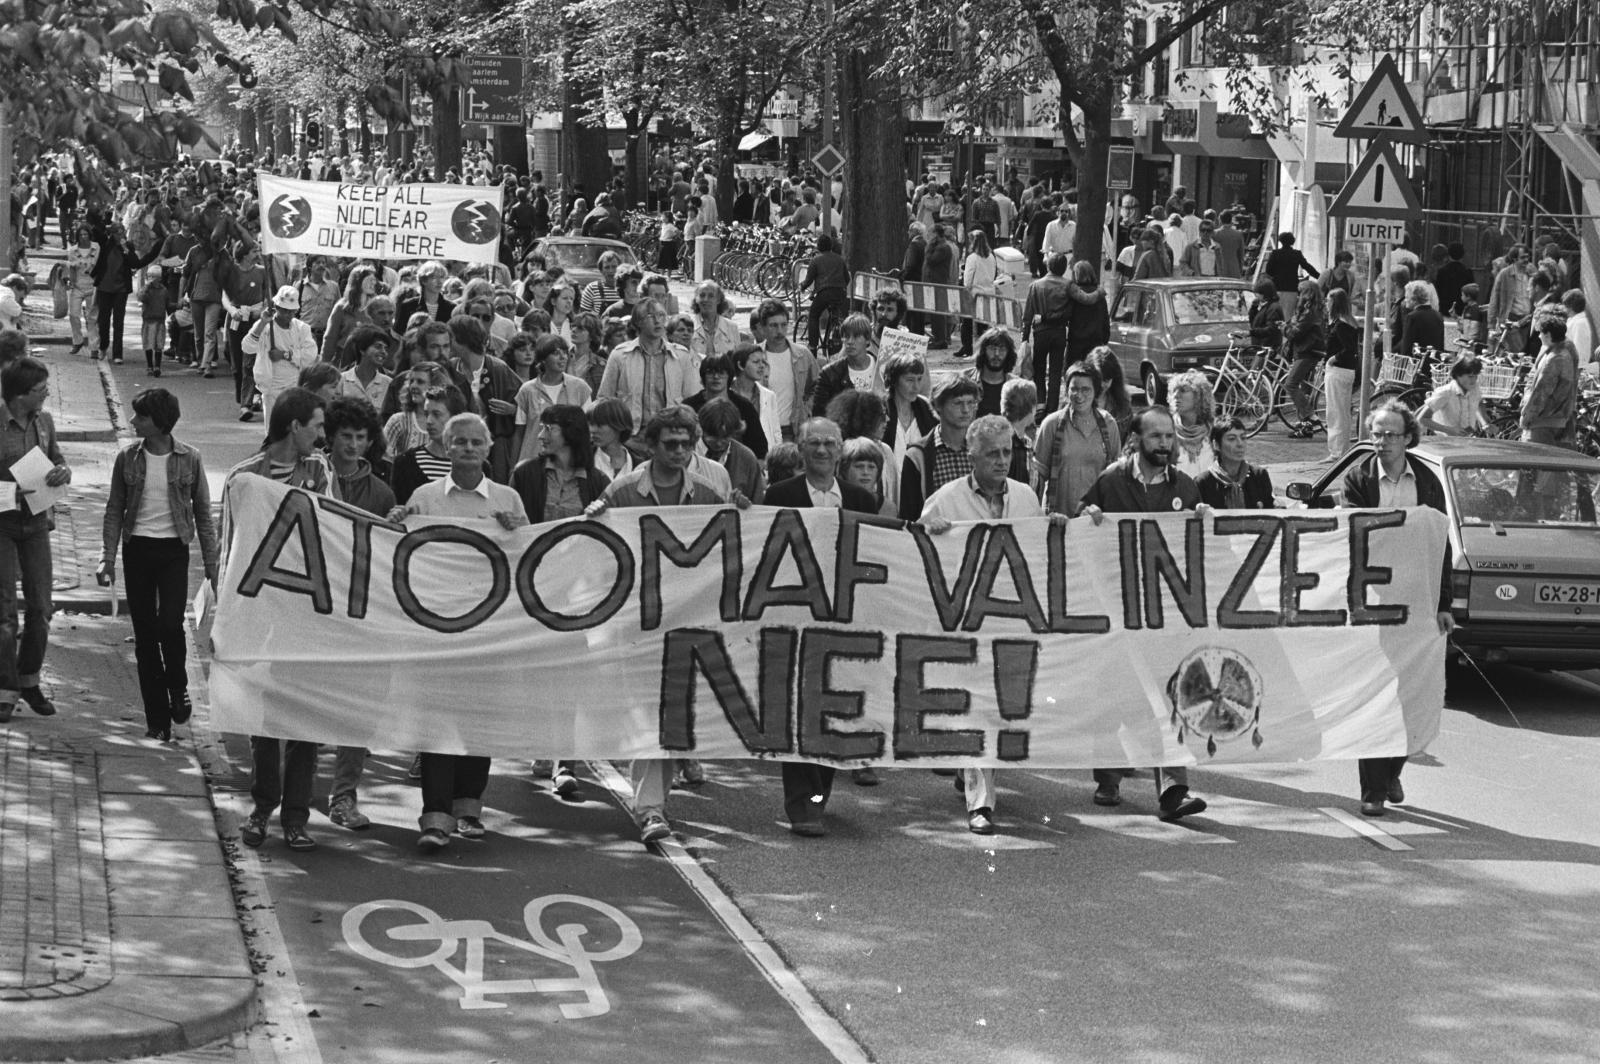 Antikernenergiebeweging in Nederland